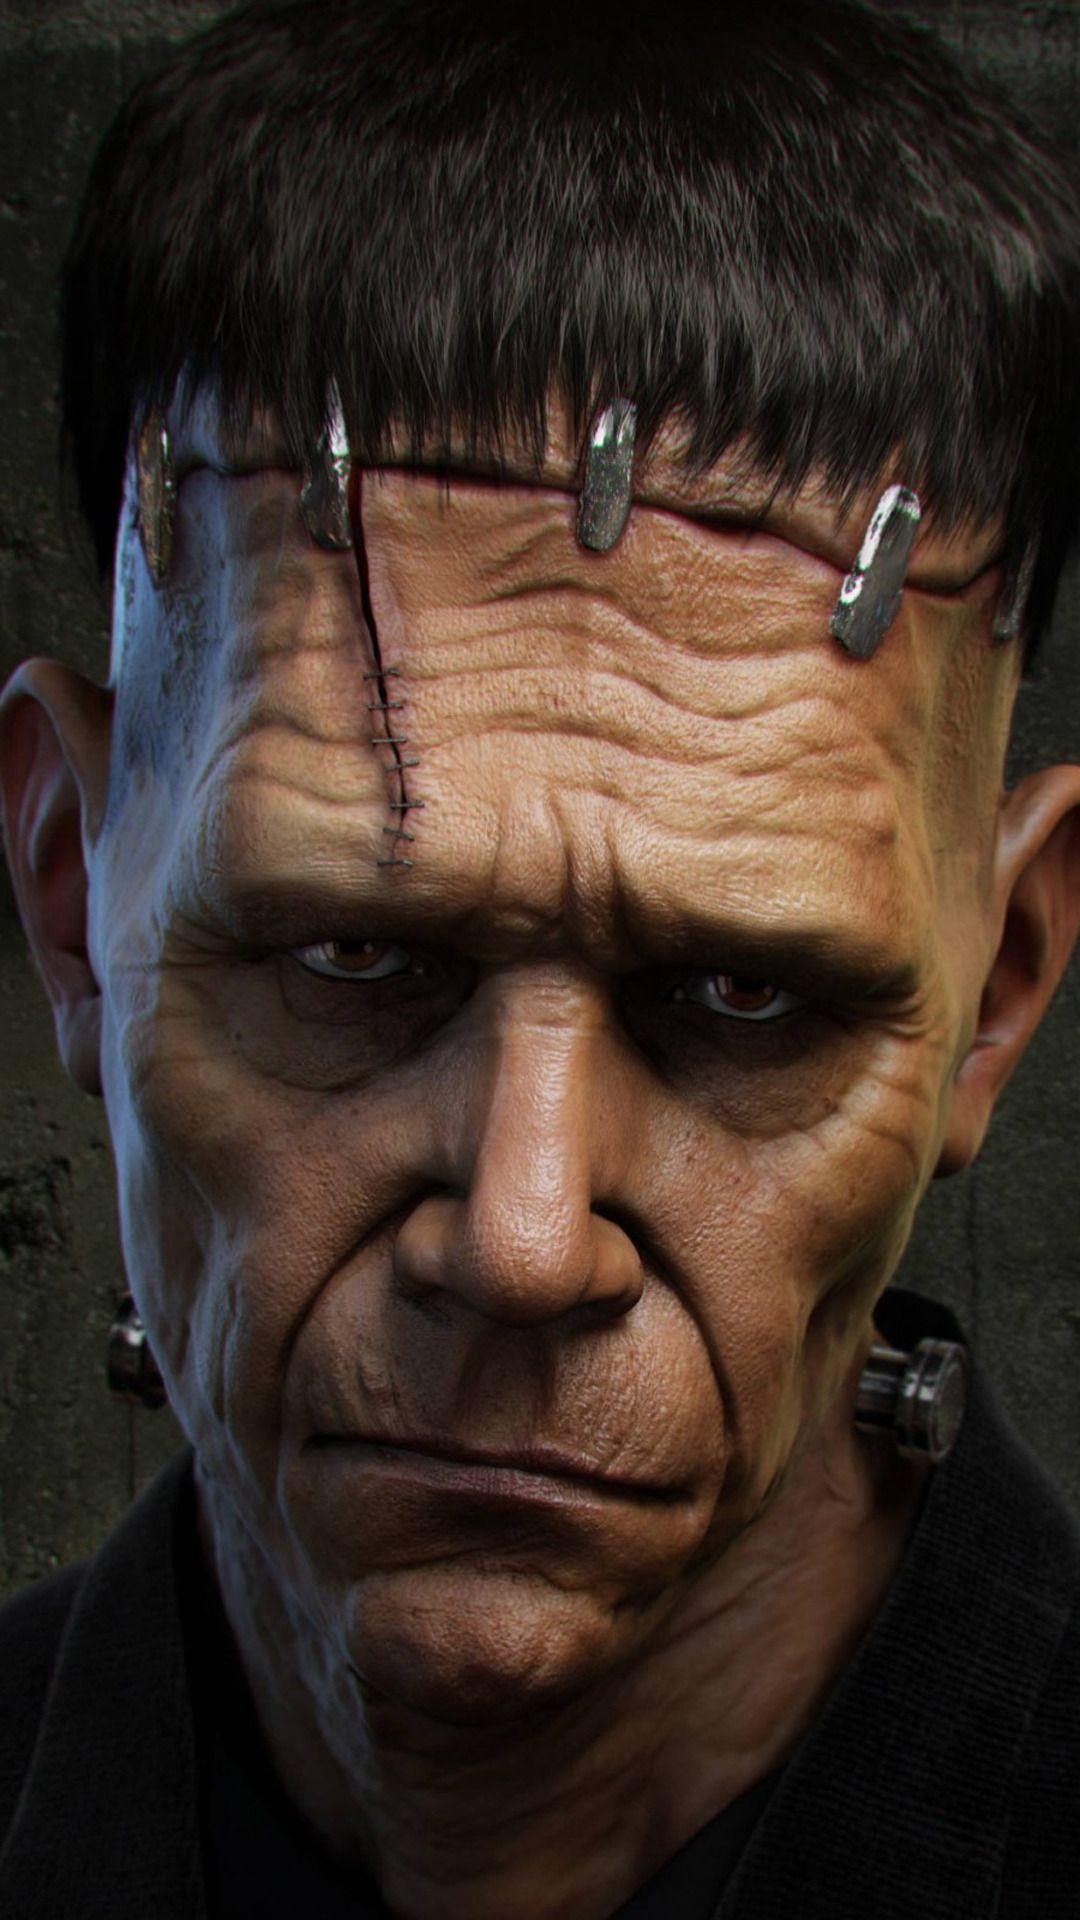 Frankenstein Halloween Iphone 6 Iphone 6 Plus Wallpaper Frankenstein Halloween Iphone 6 Plus Wallpaper Frankenstein